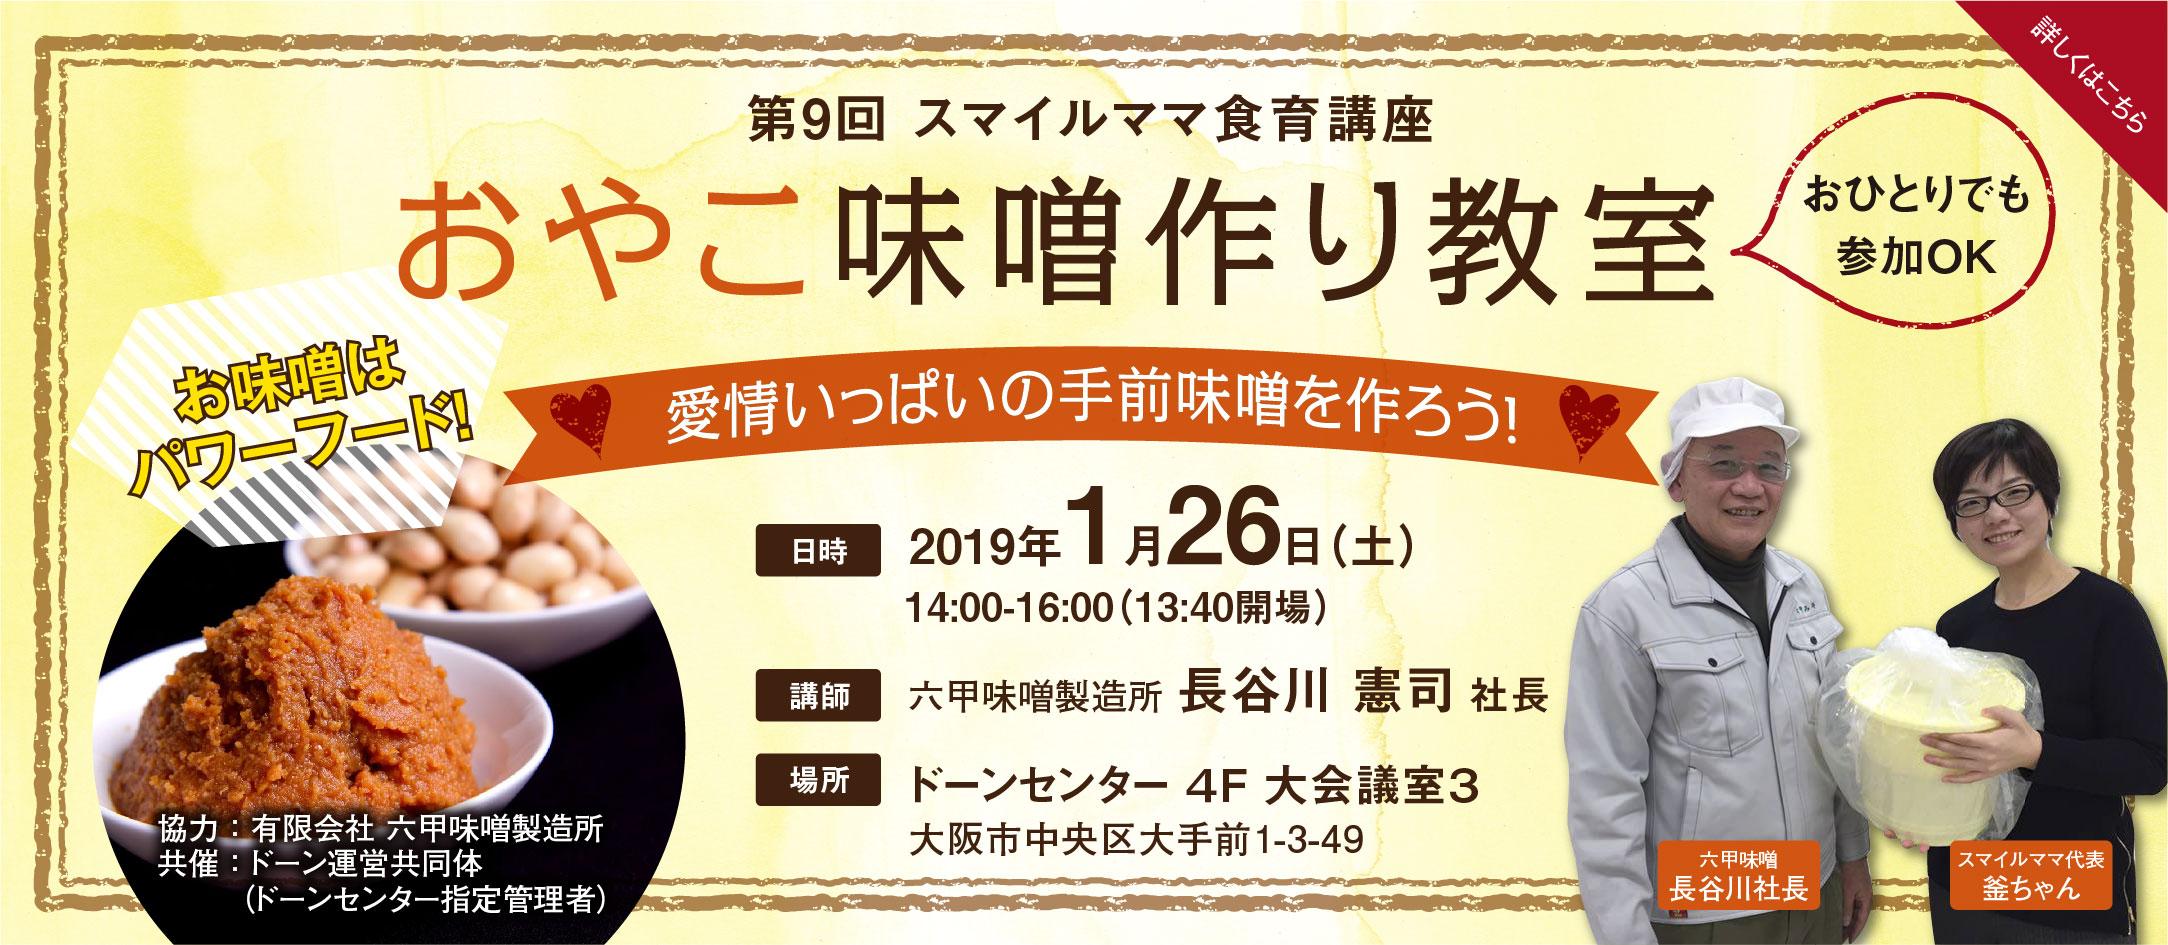 【満席】2019年1/26(土)六甲味噌・長谷川社長による「おやこ味噌作り教室~お味噌はパワーフード!愛情いっぱいの手前味噌を作ろう!」一般受付スタートしました!